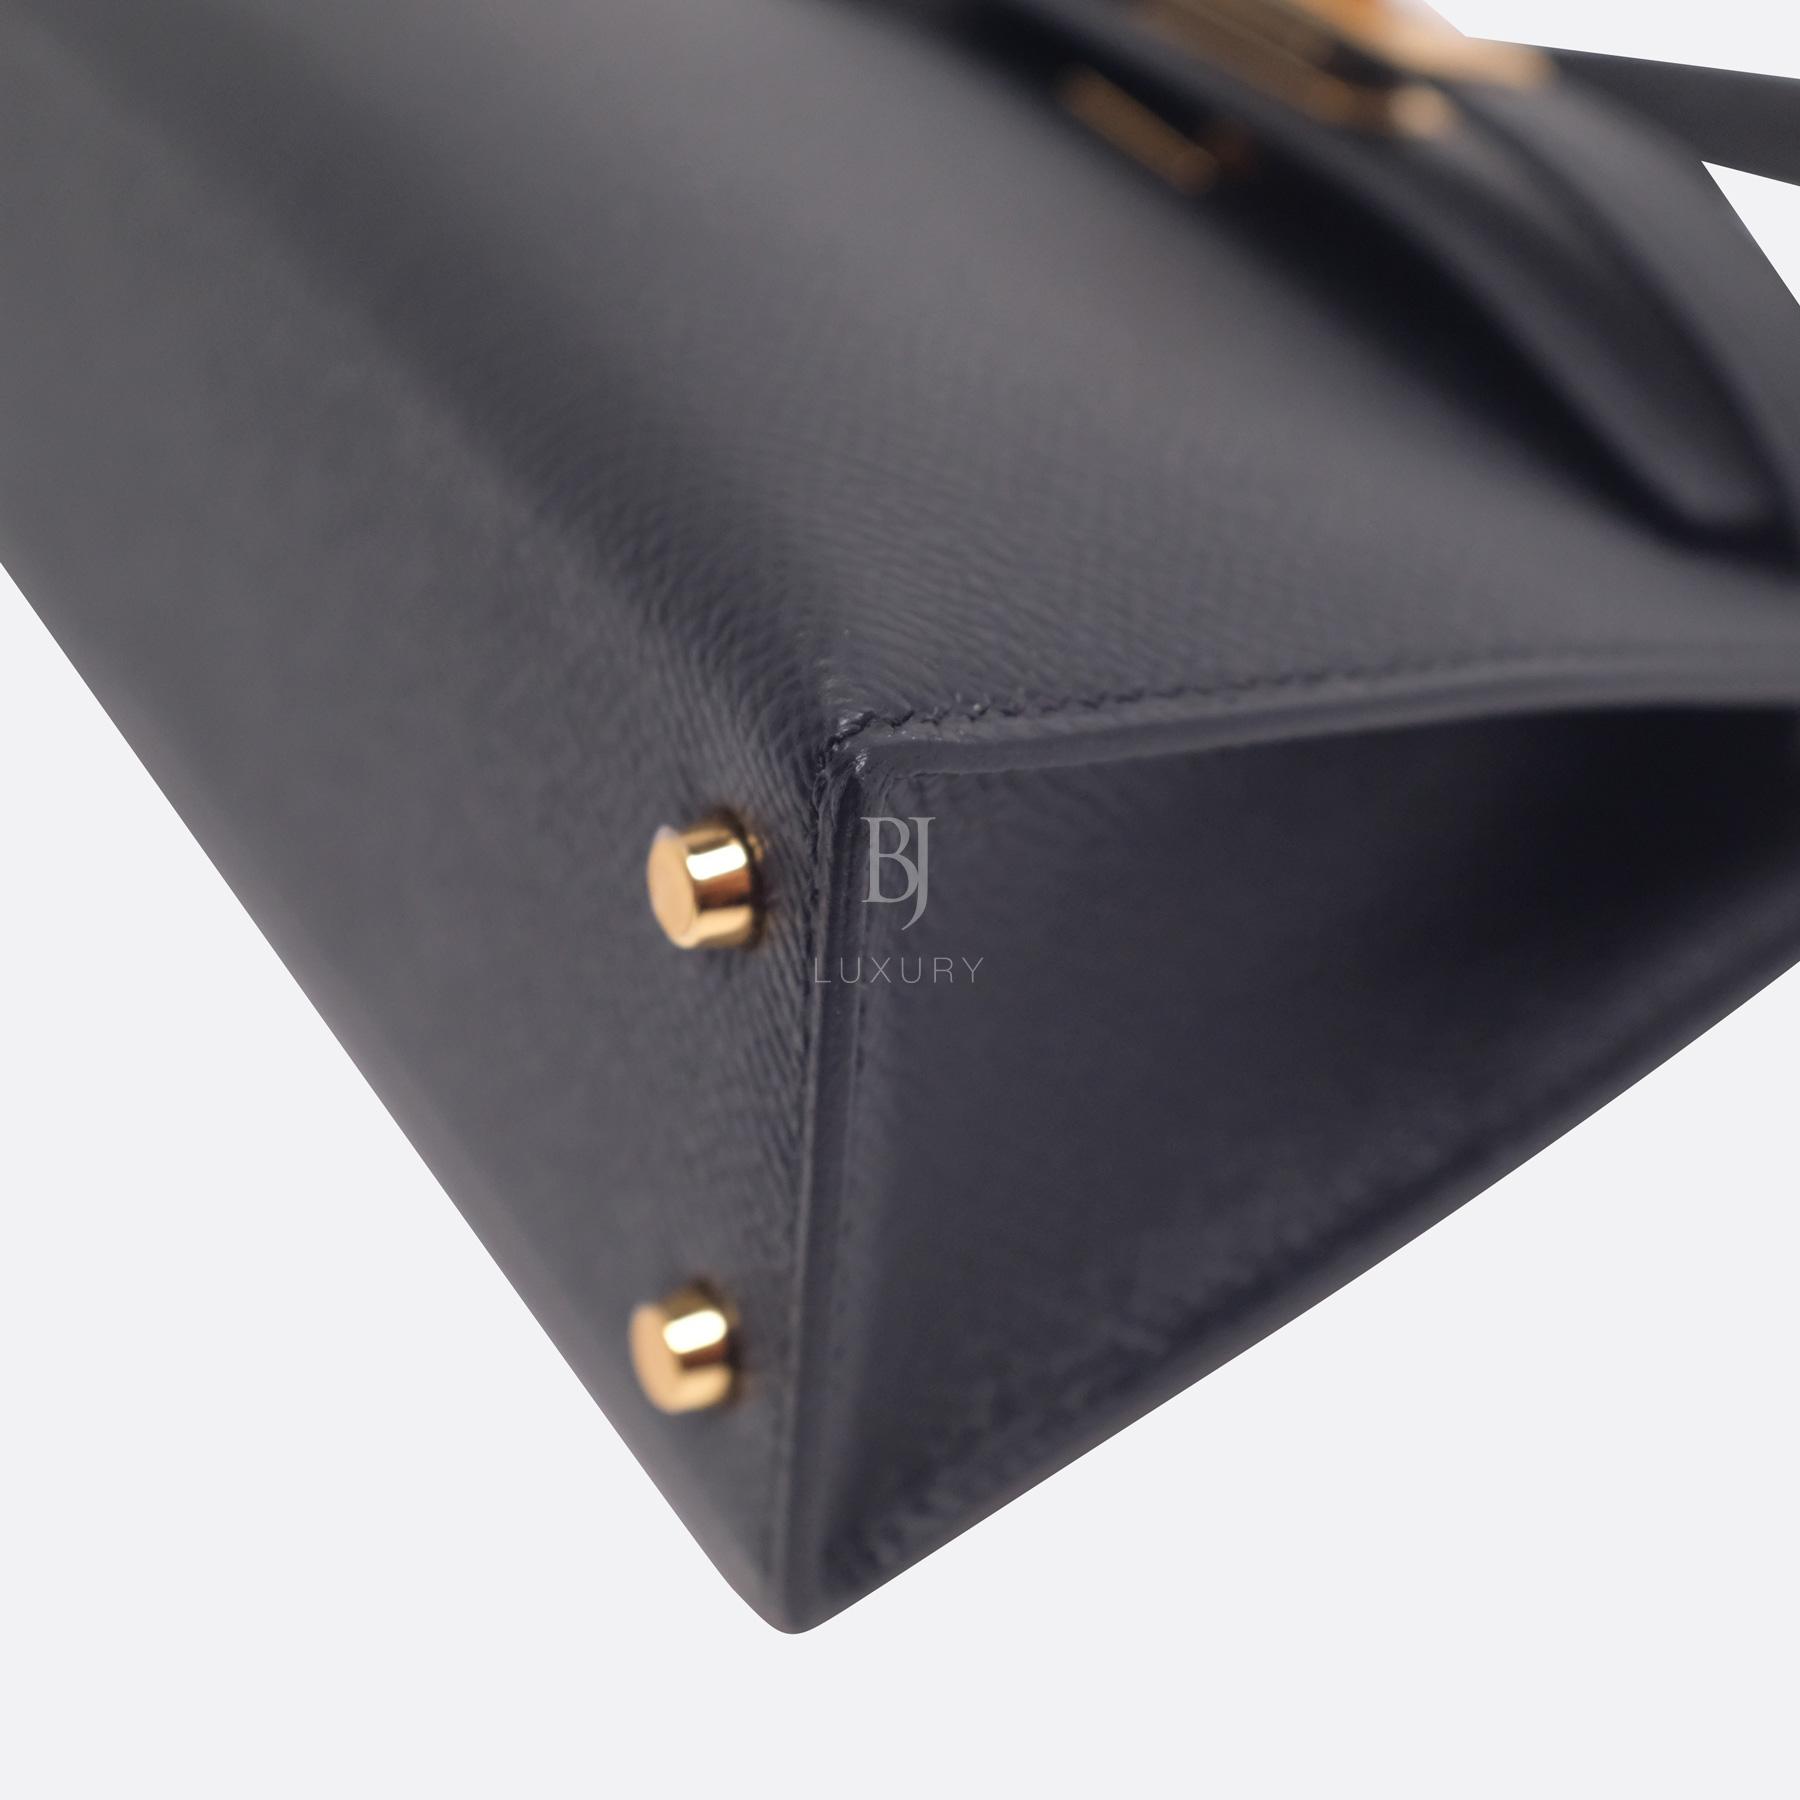 Hermes Kelly Sellier 20 Black Gold Hardware Epsom 7 BJ Luxury.jpg